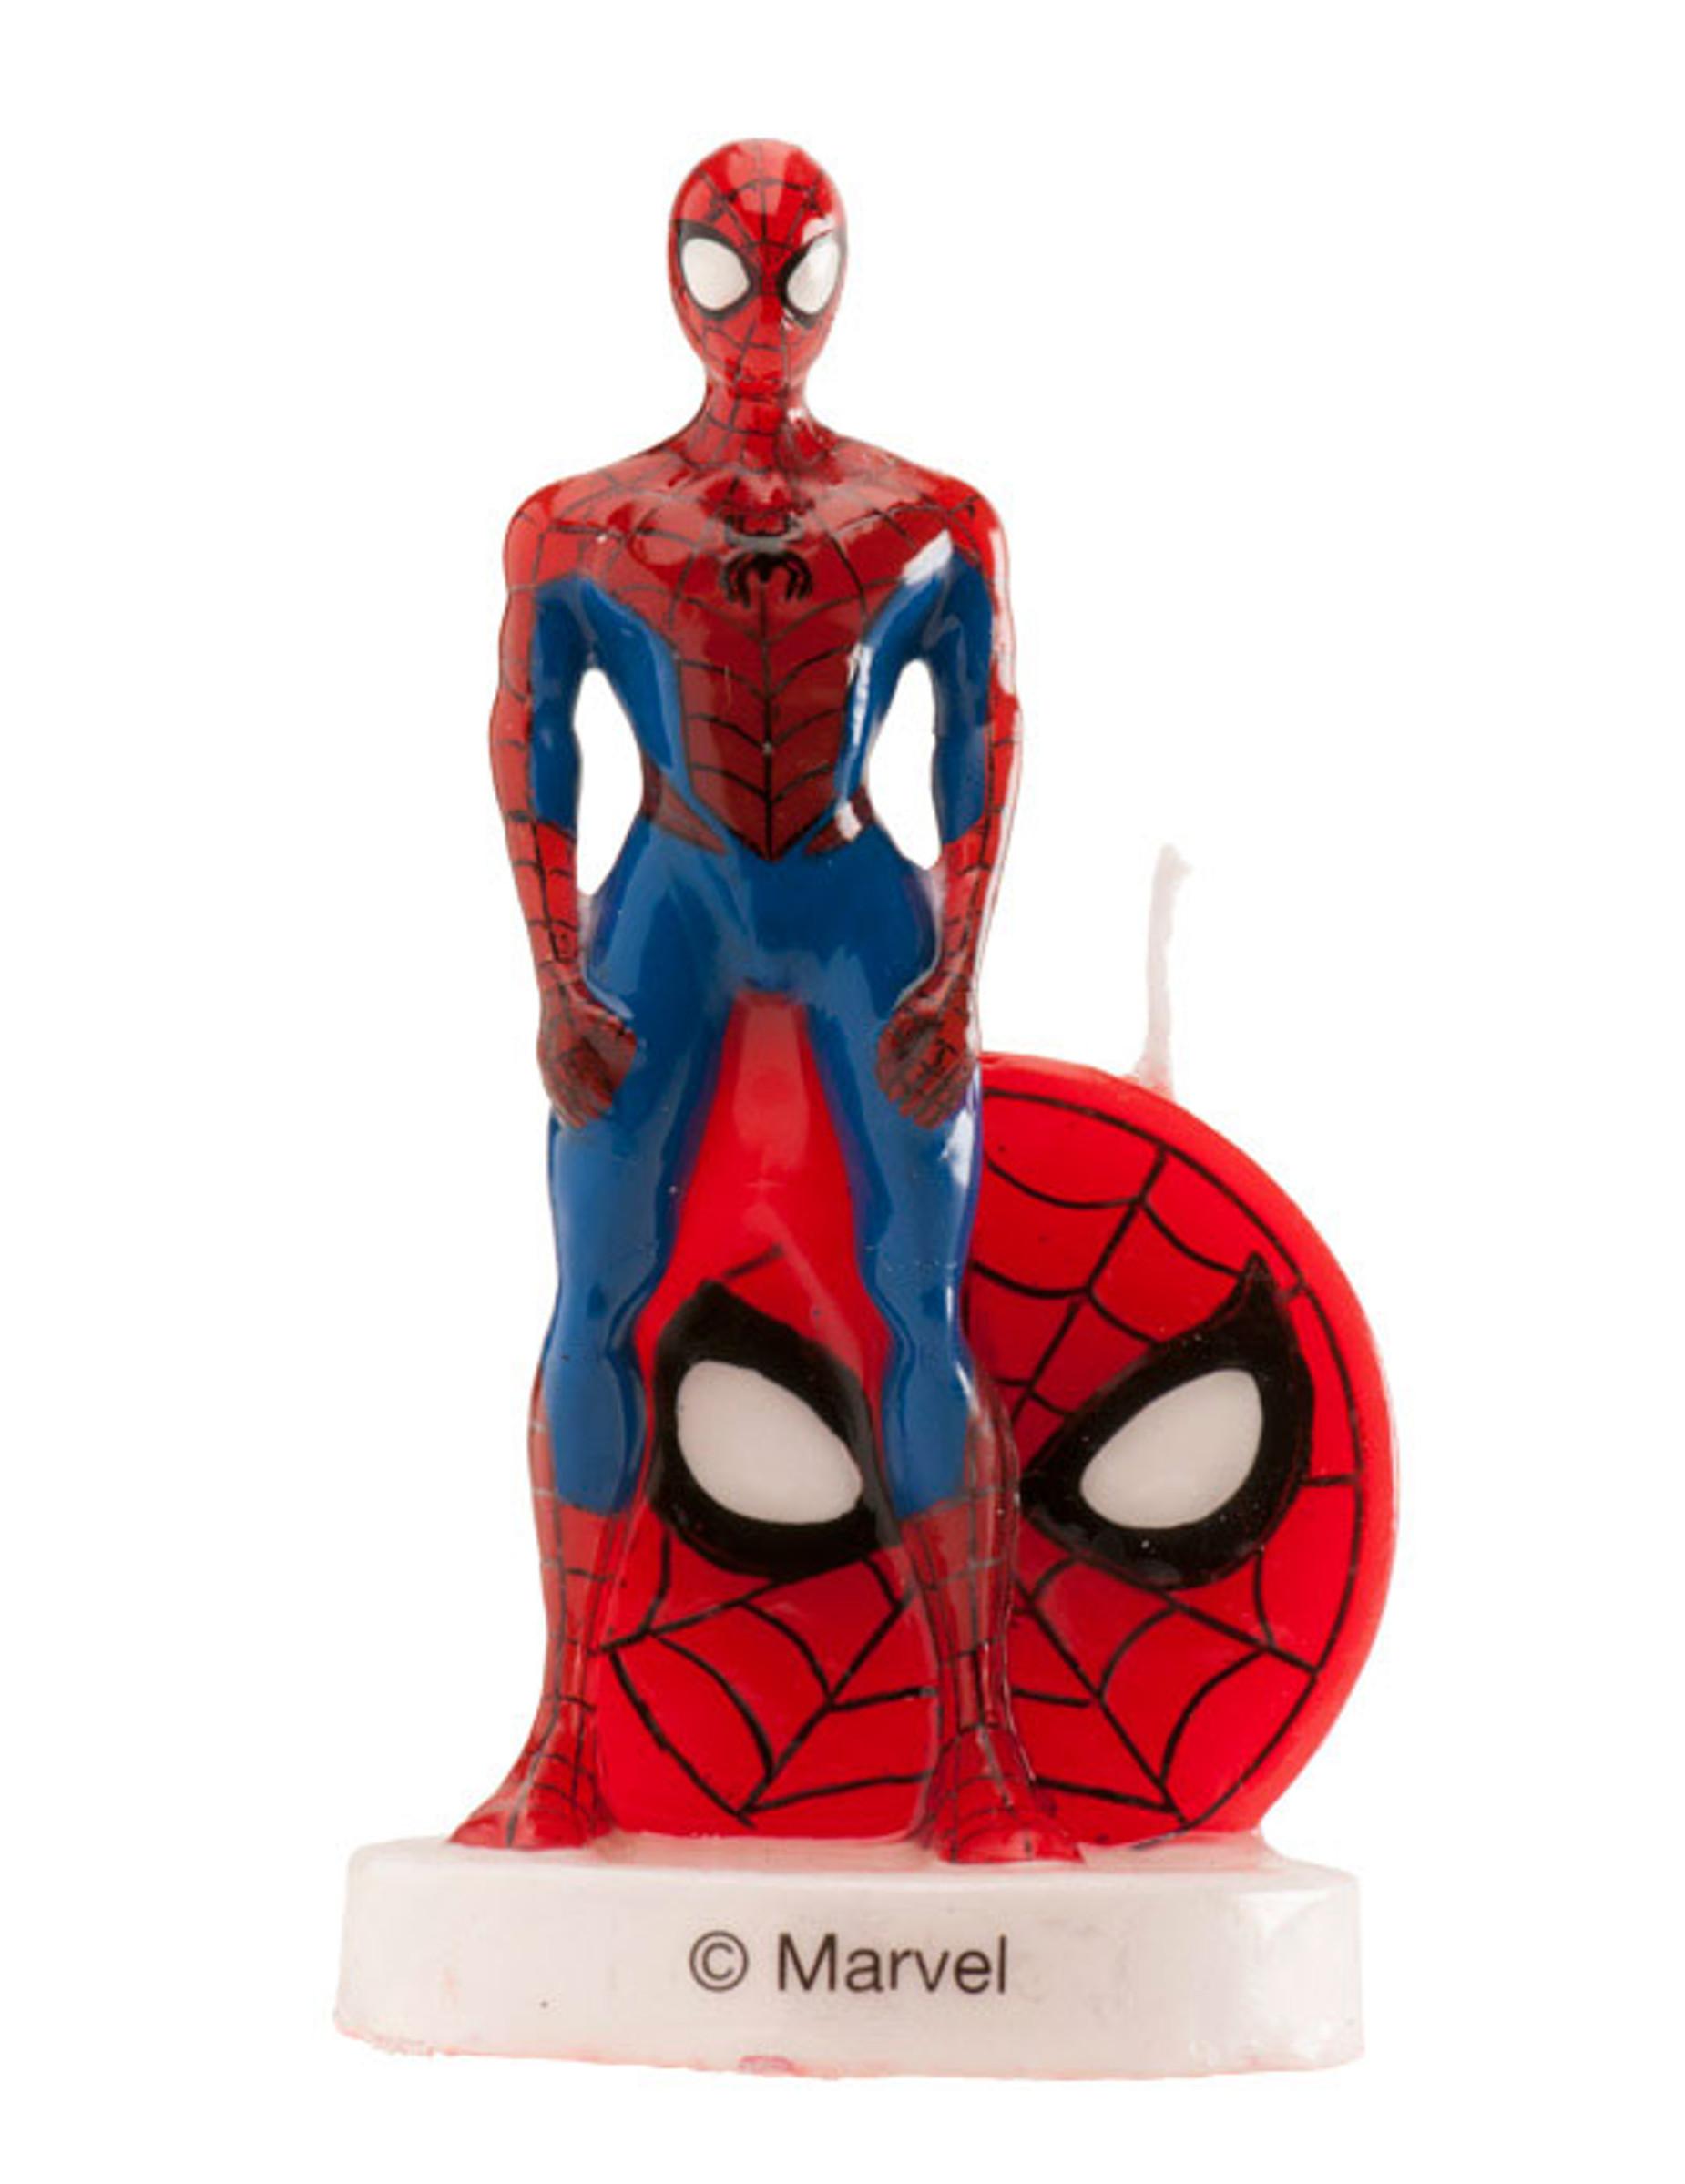 Bougie d 39 anniversaire spiderman 3d 6 cm d coration - Decoration spiderman pour anniversaire ...